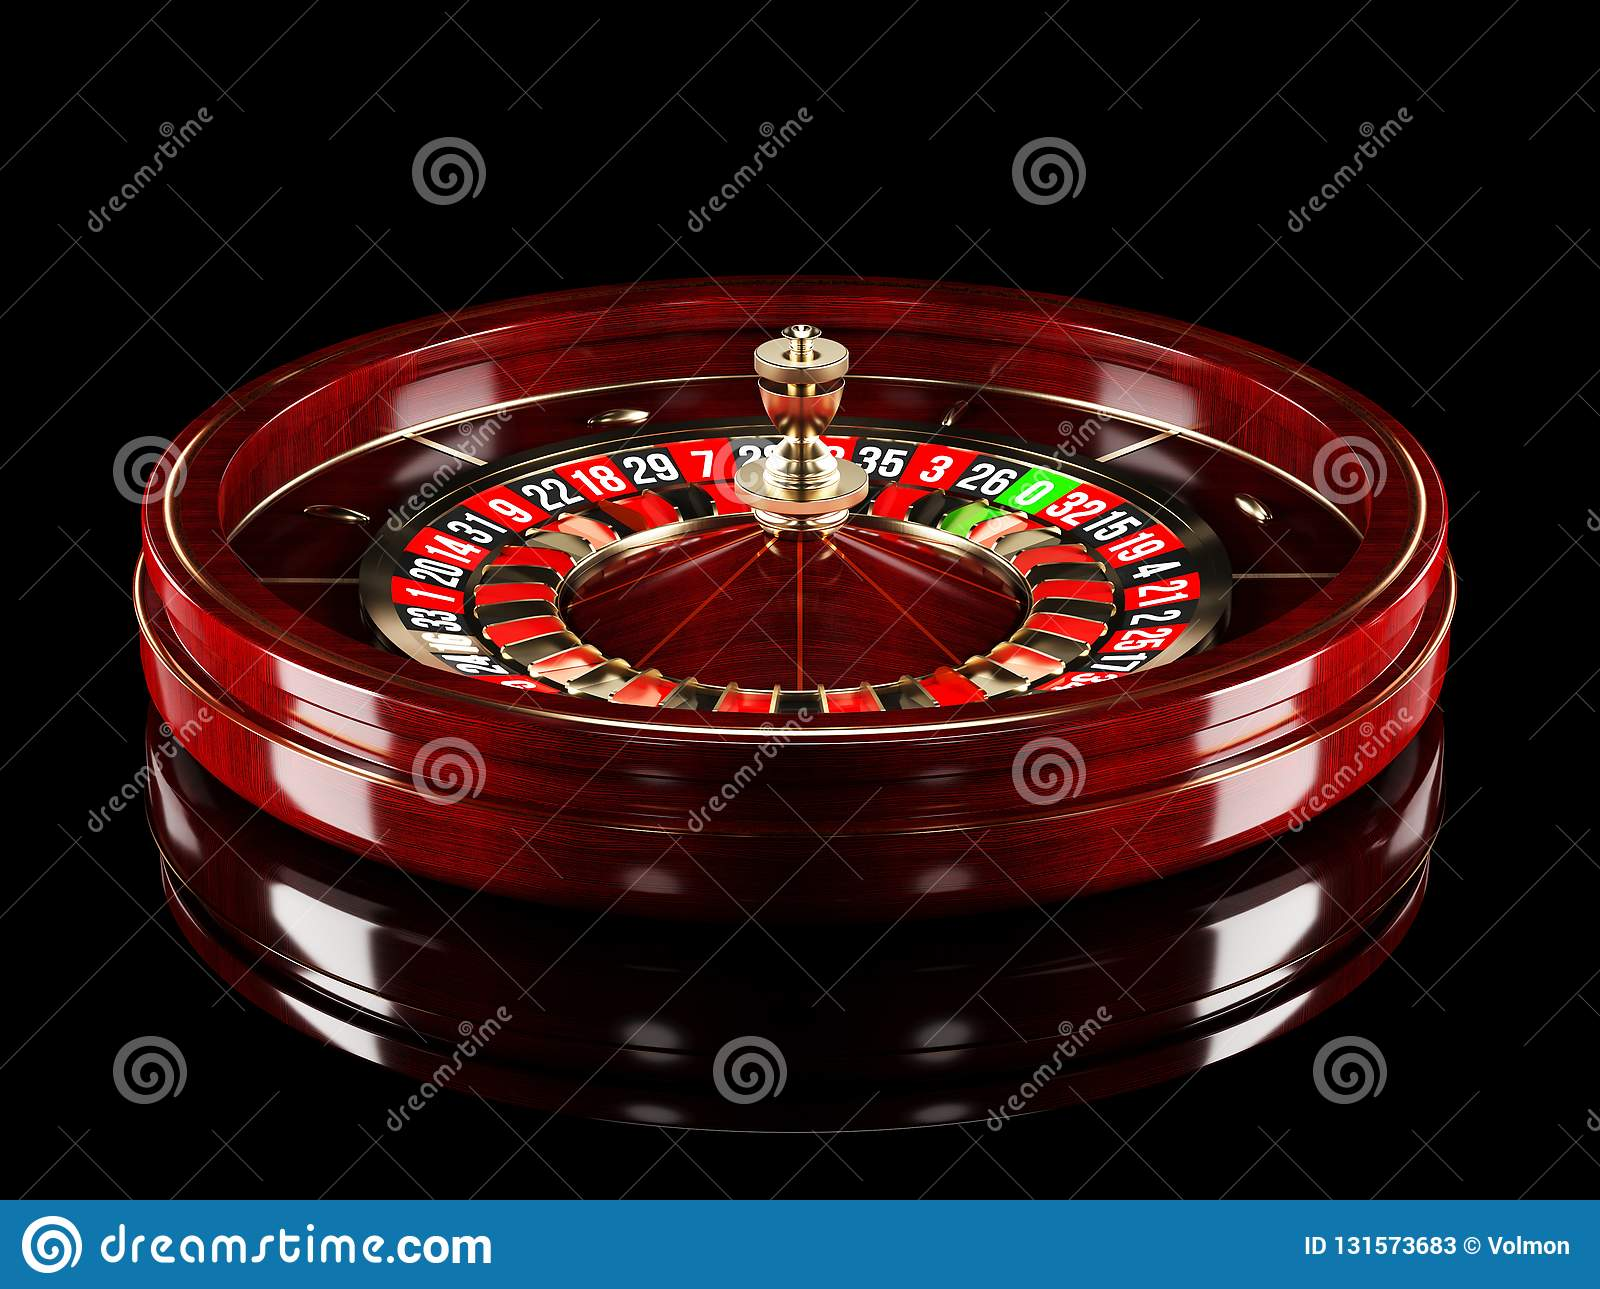 Реально платящие онлайн казино игровые автоматы sekret forest онлайн